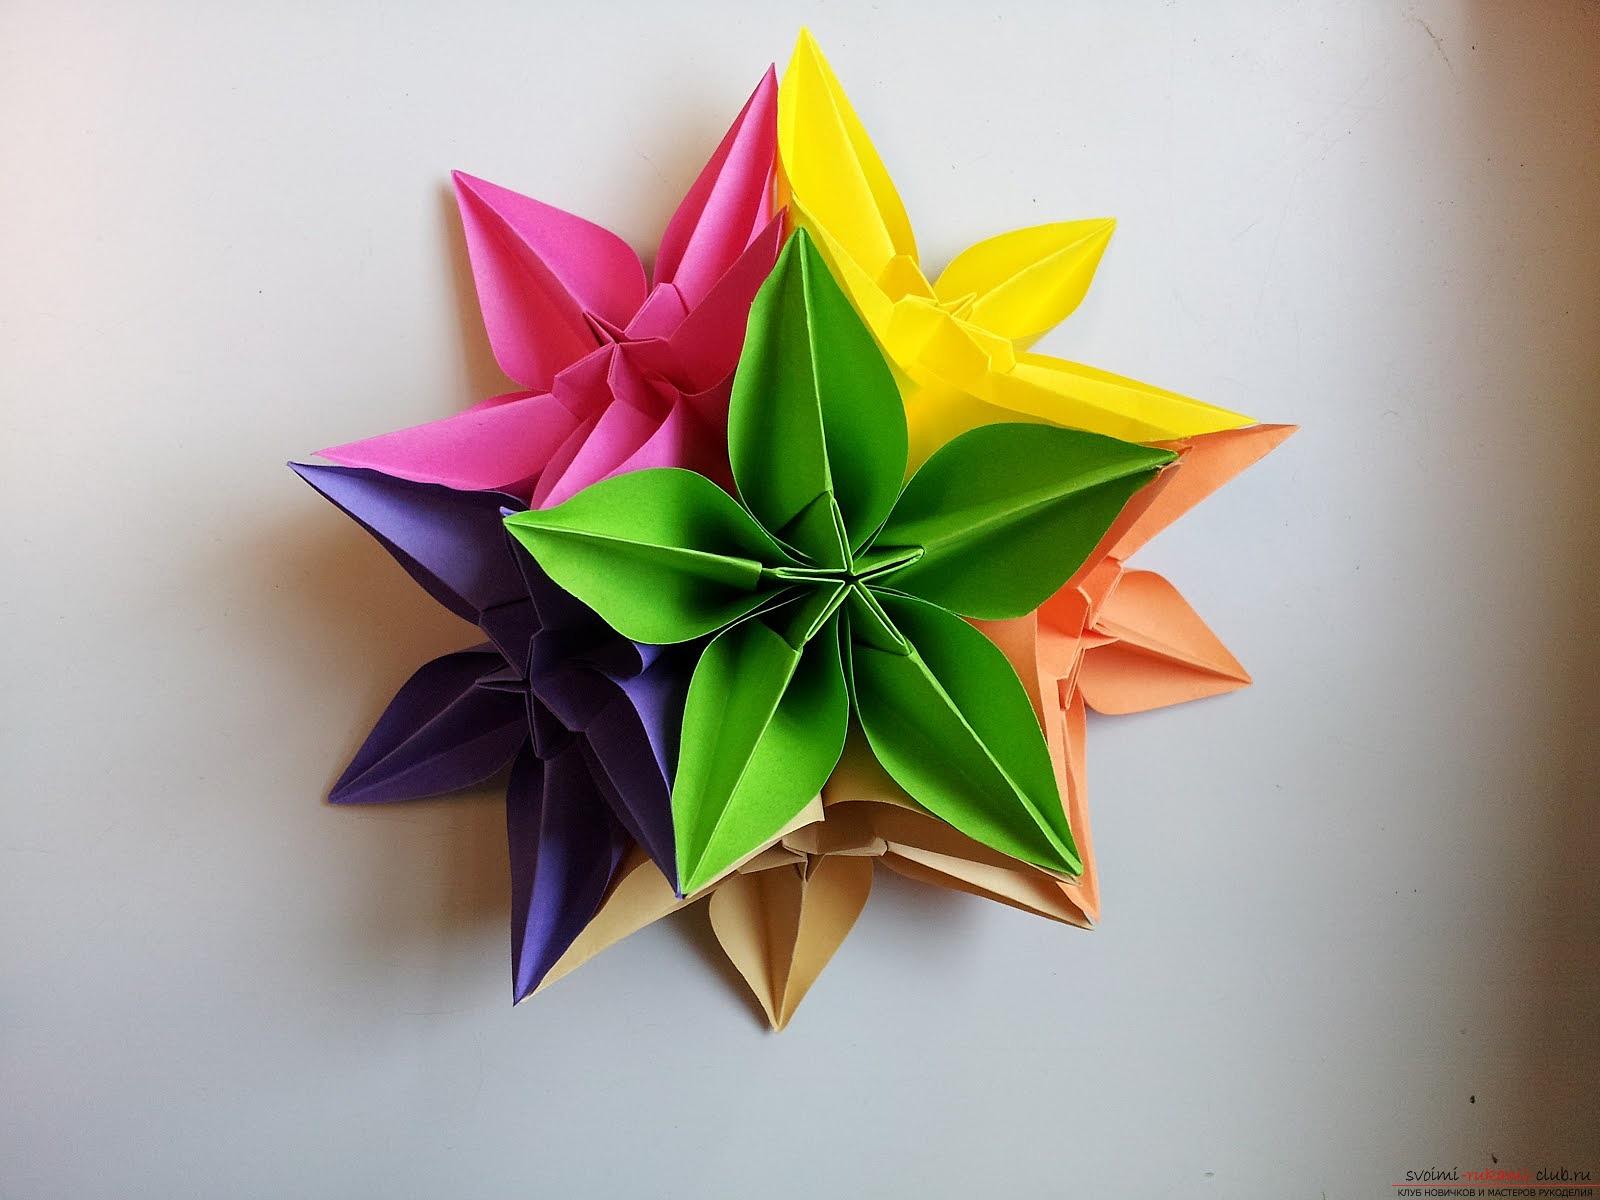 Объемный цветок из бумаги своими руками шаблоны